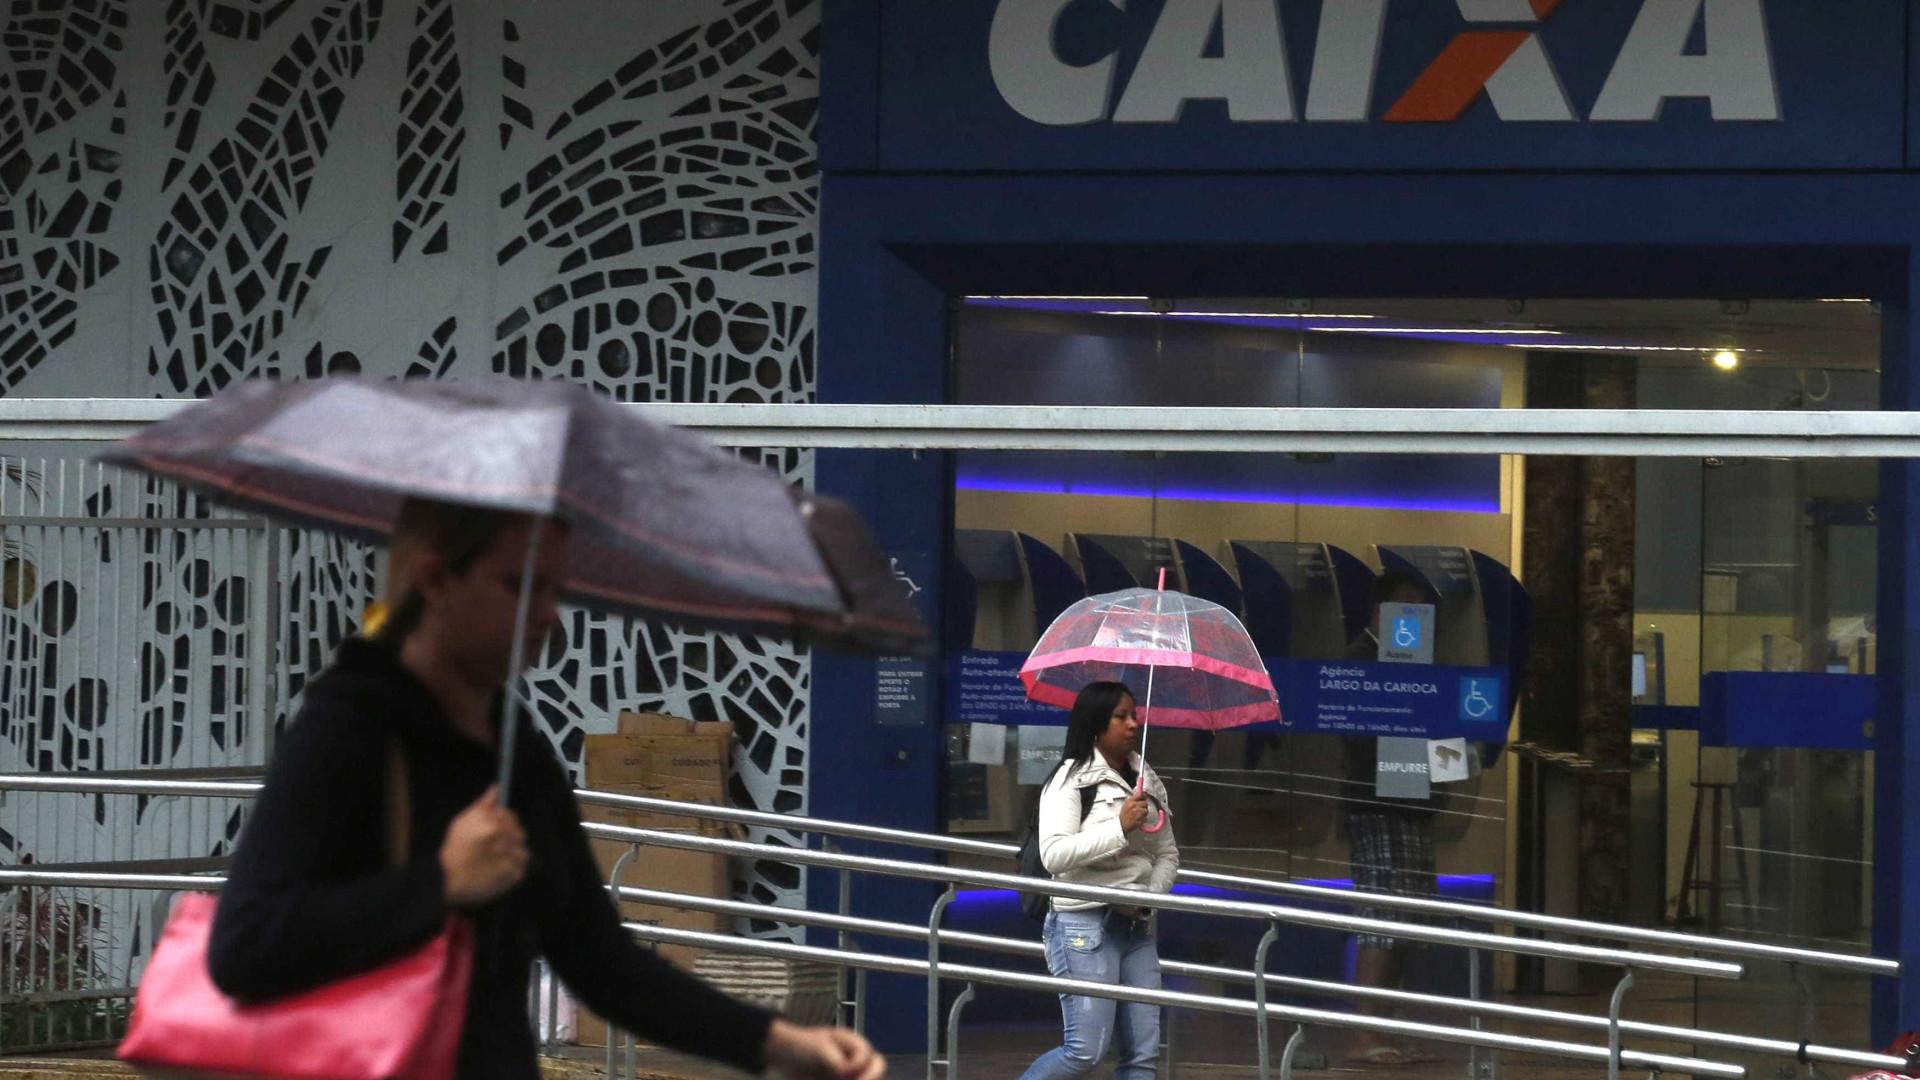 Caixa já renegociou dívida de 125 mil clientes após lançar campanha